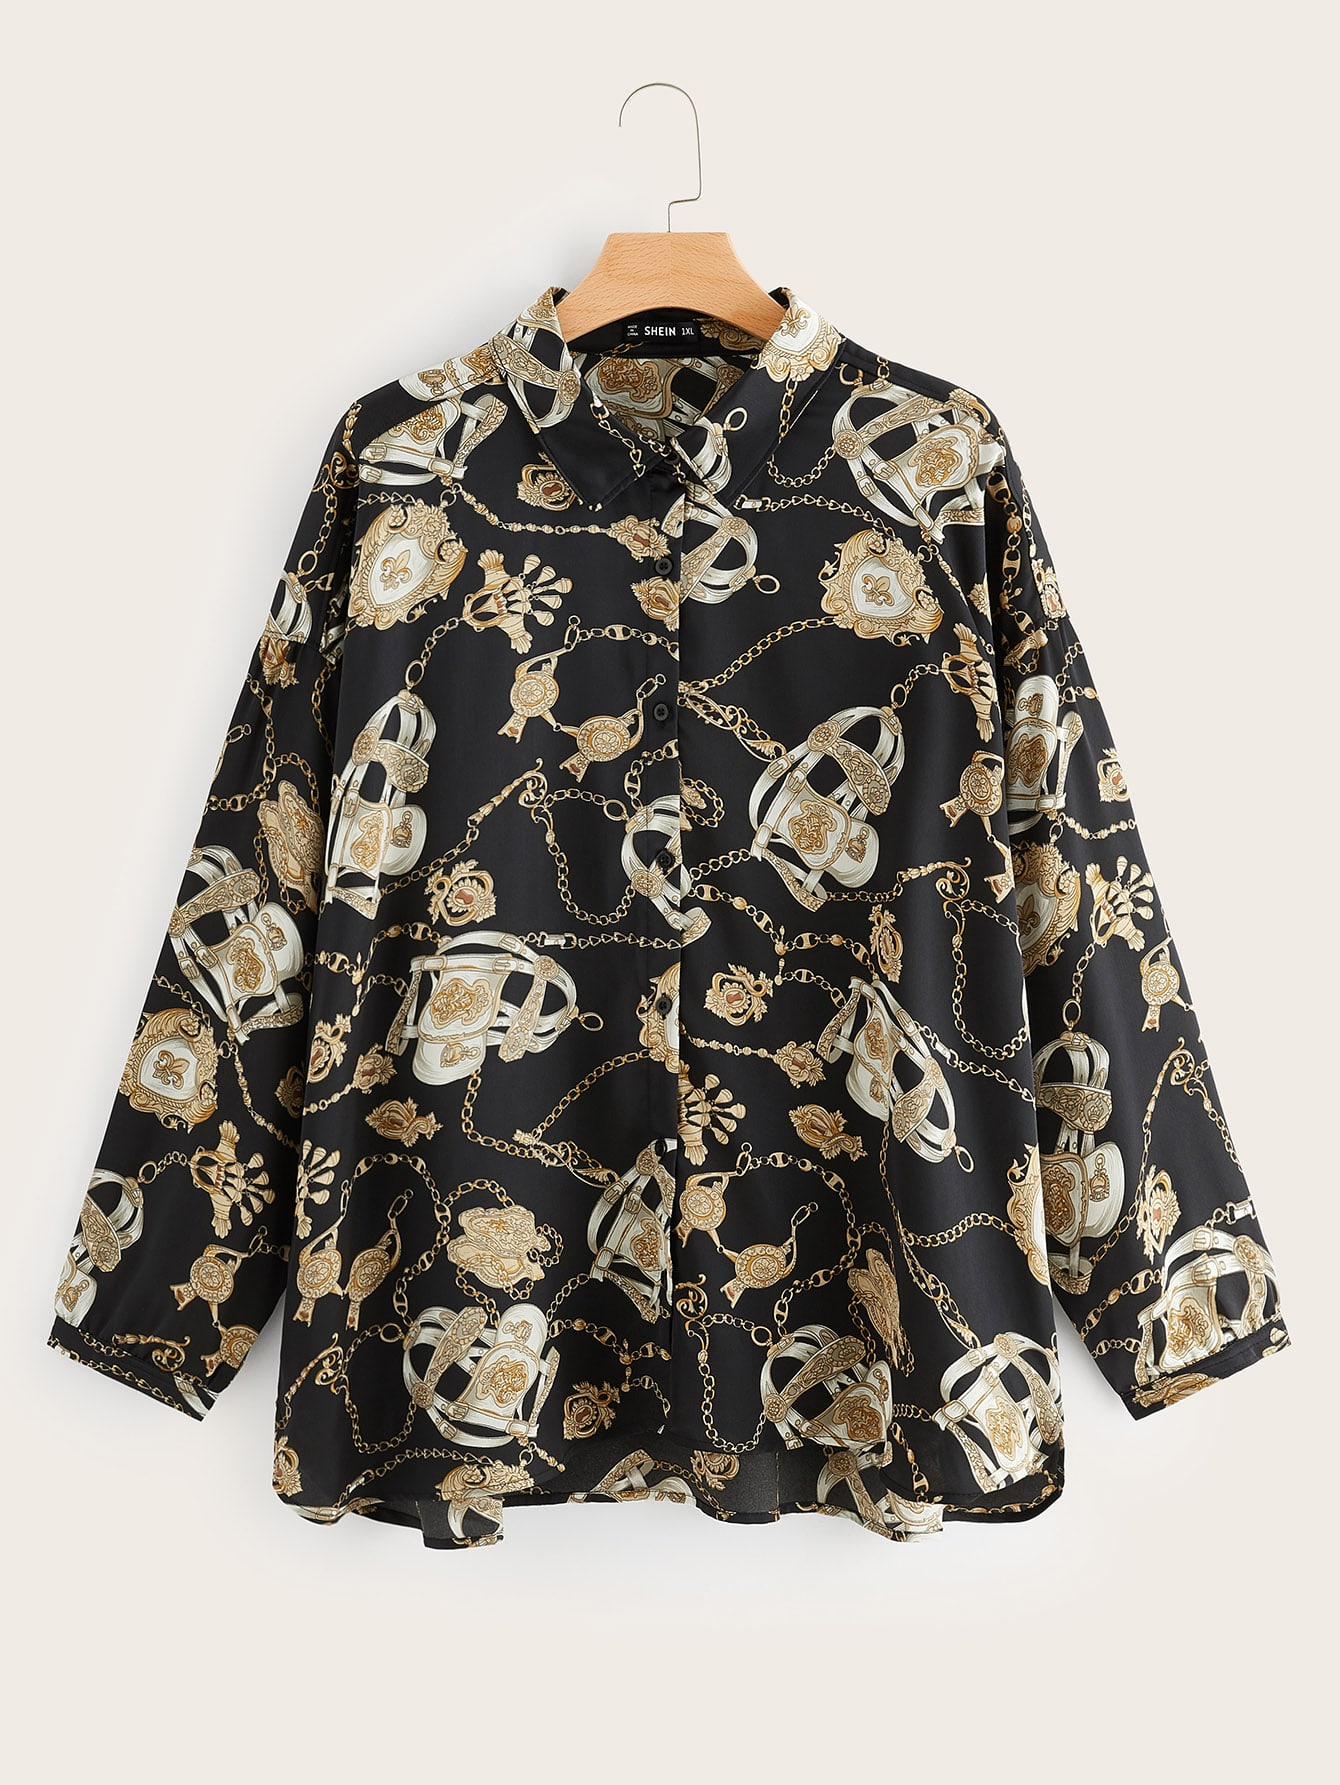 Купить Размер плюс блузка с цепным принтом, null, SheIn